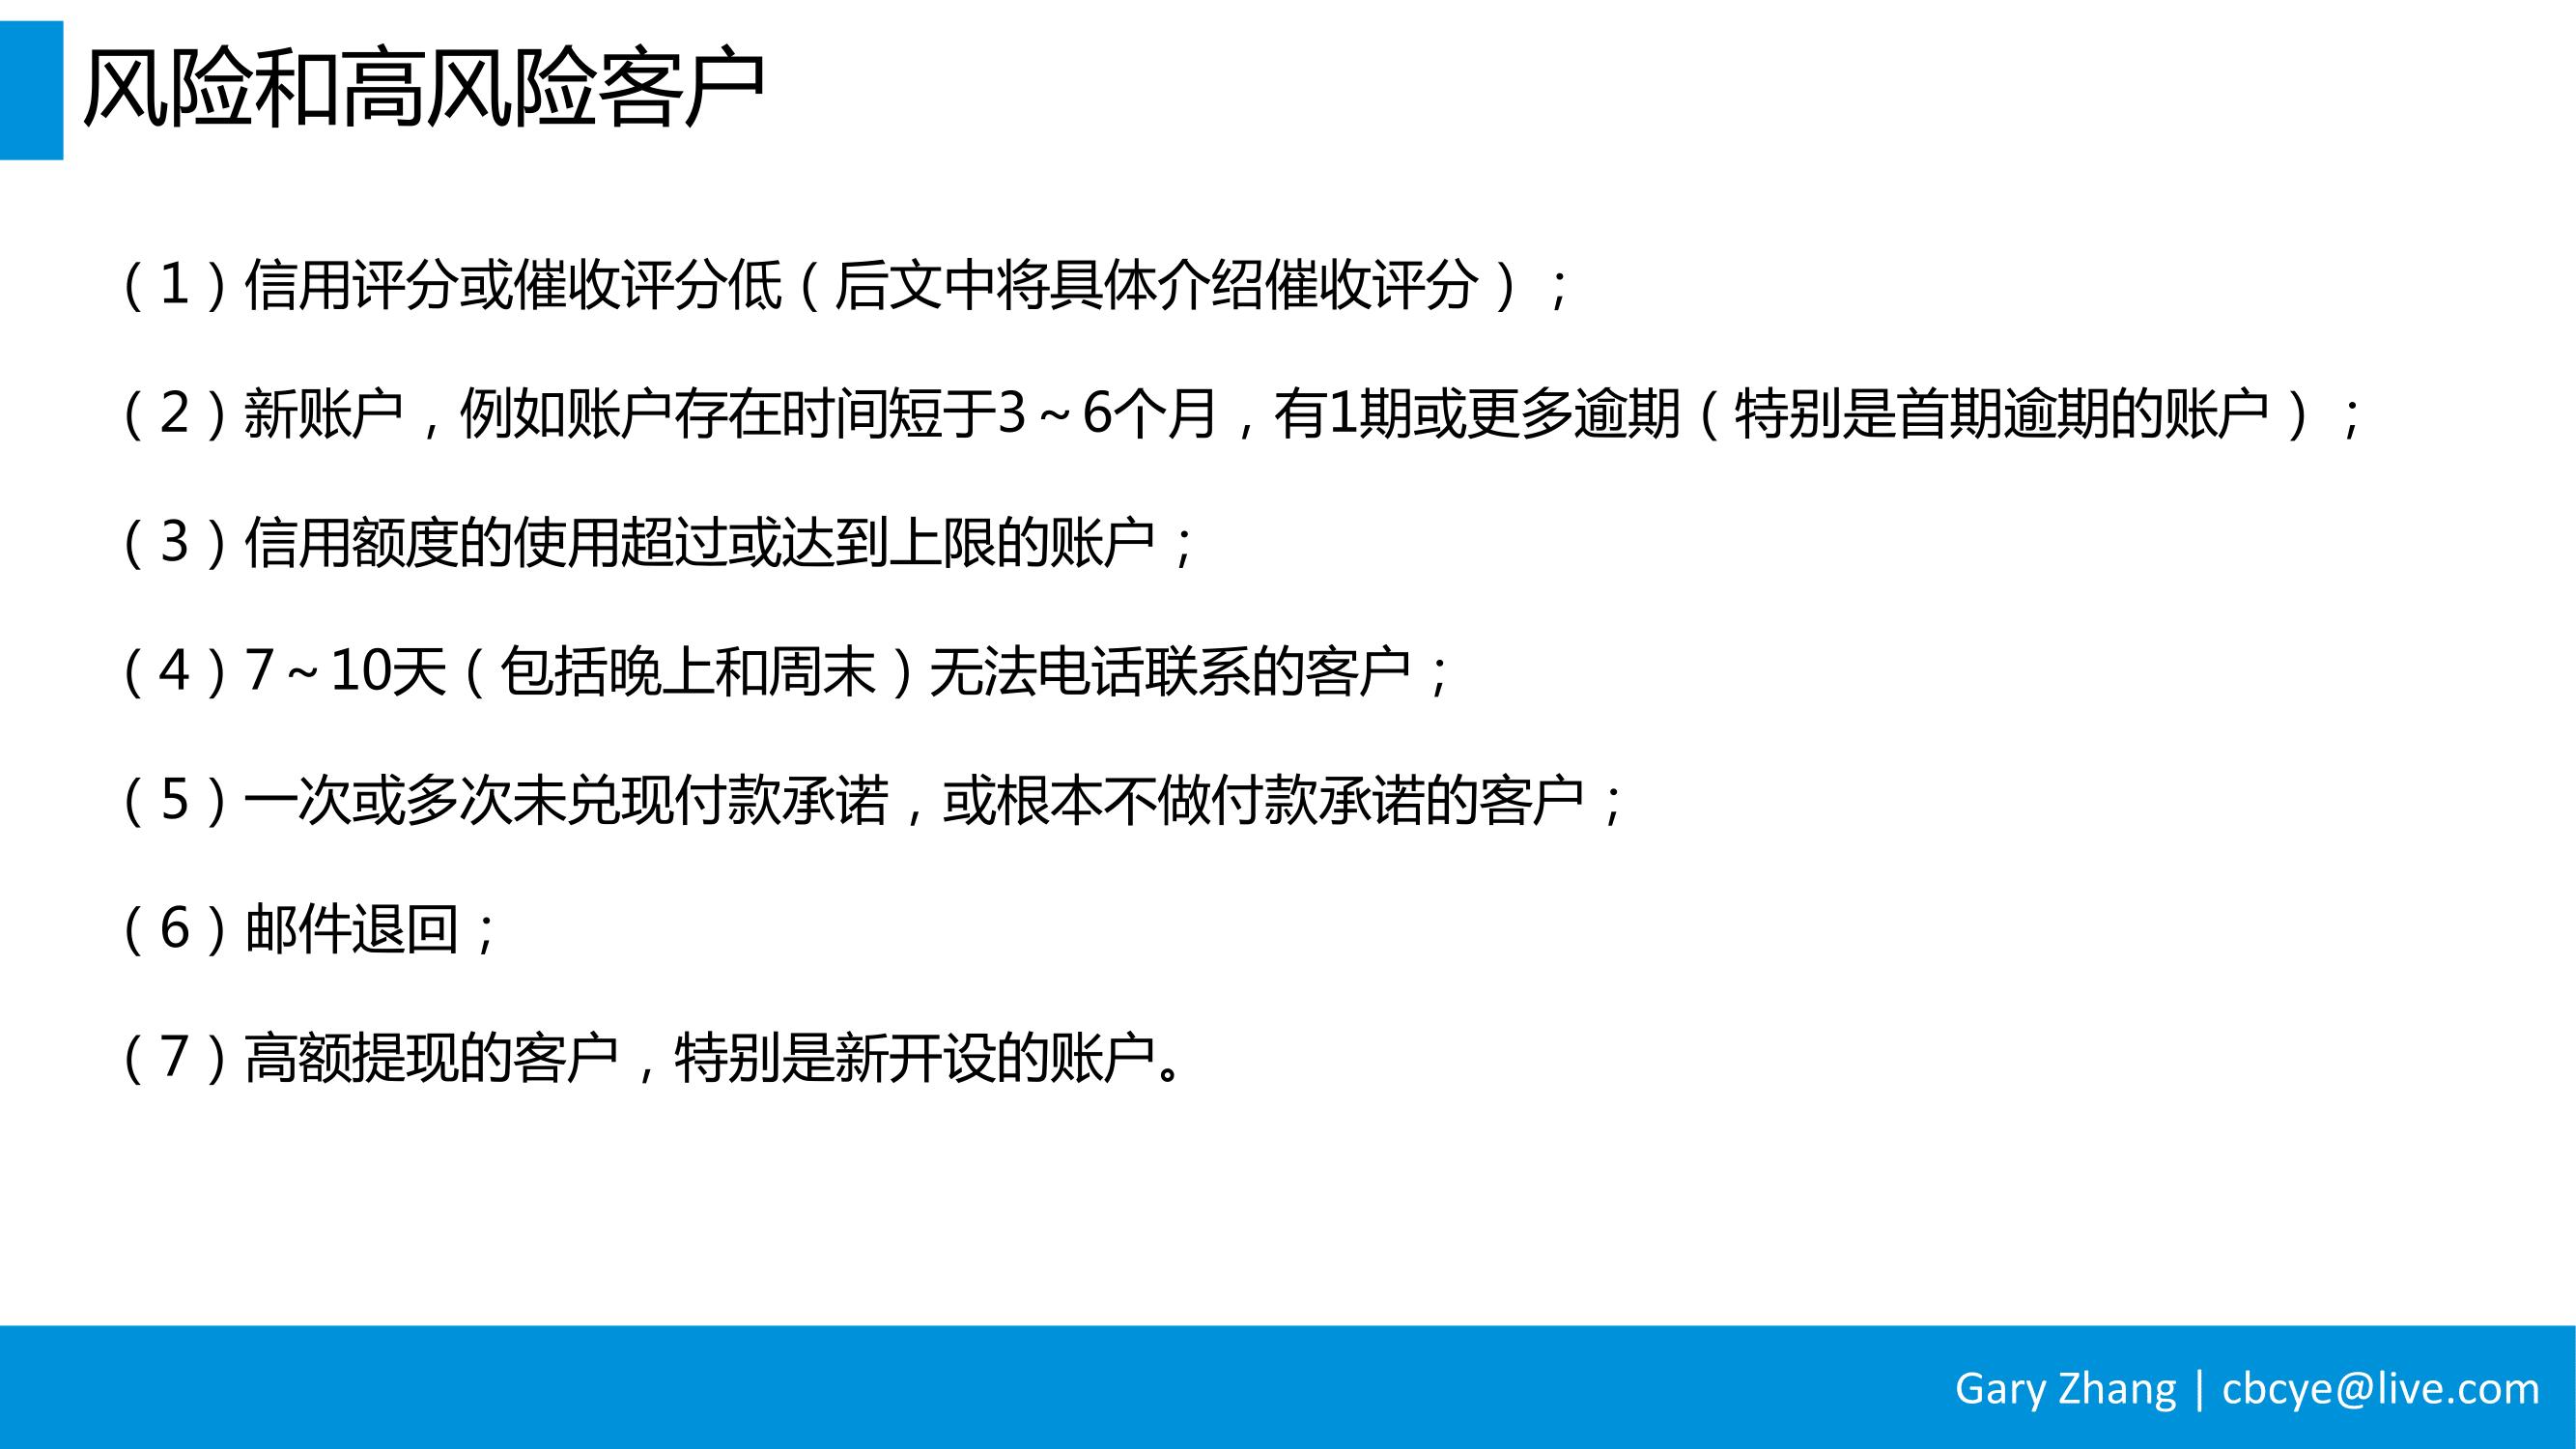 消费金融业务全流程指南_v1.0-060